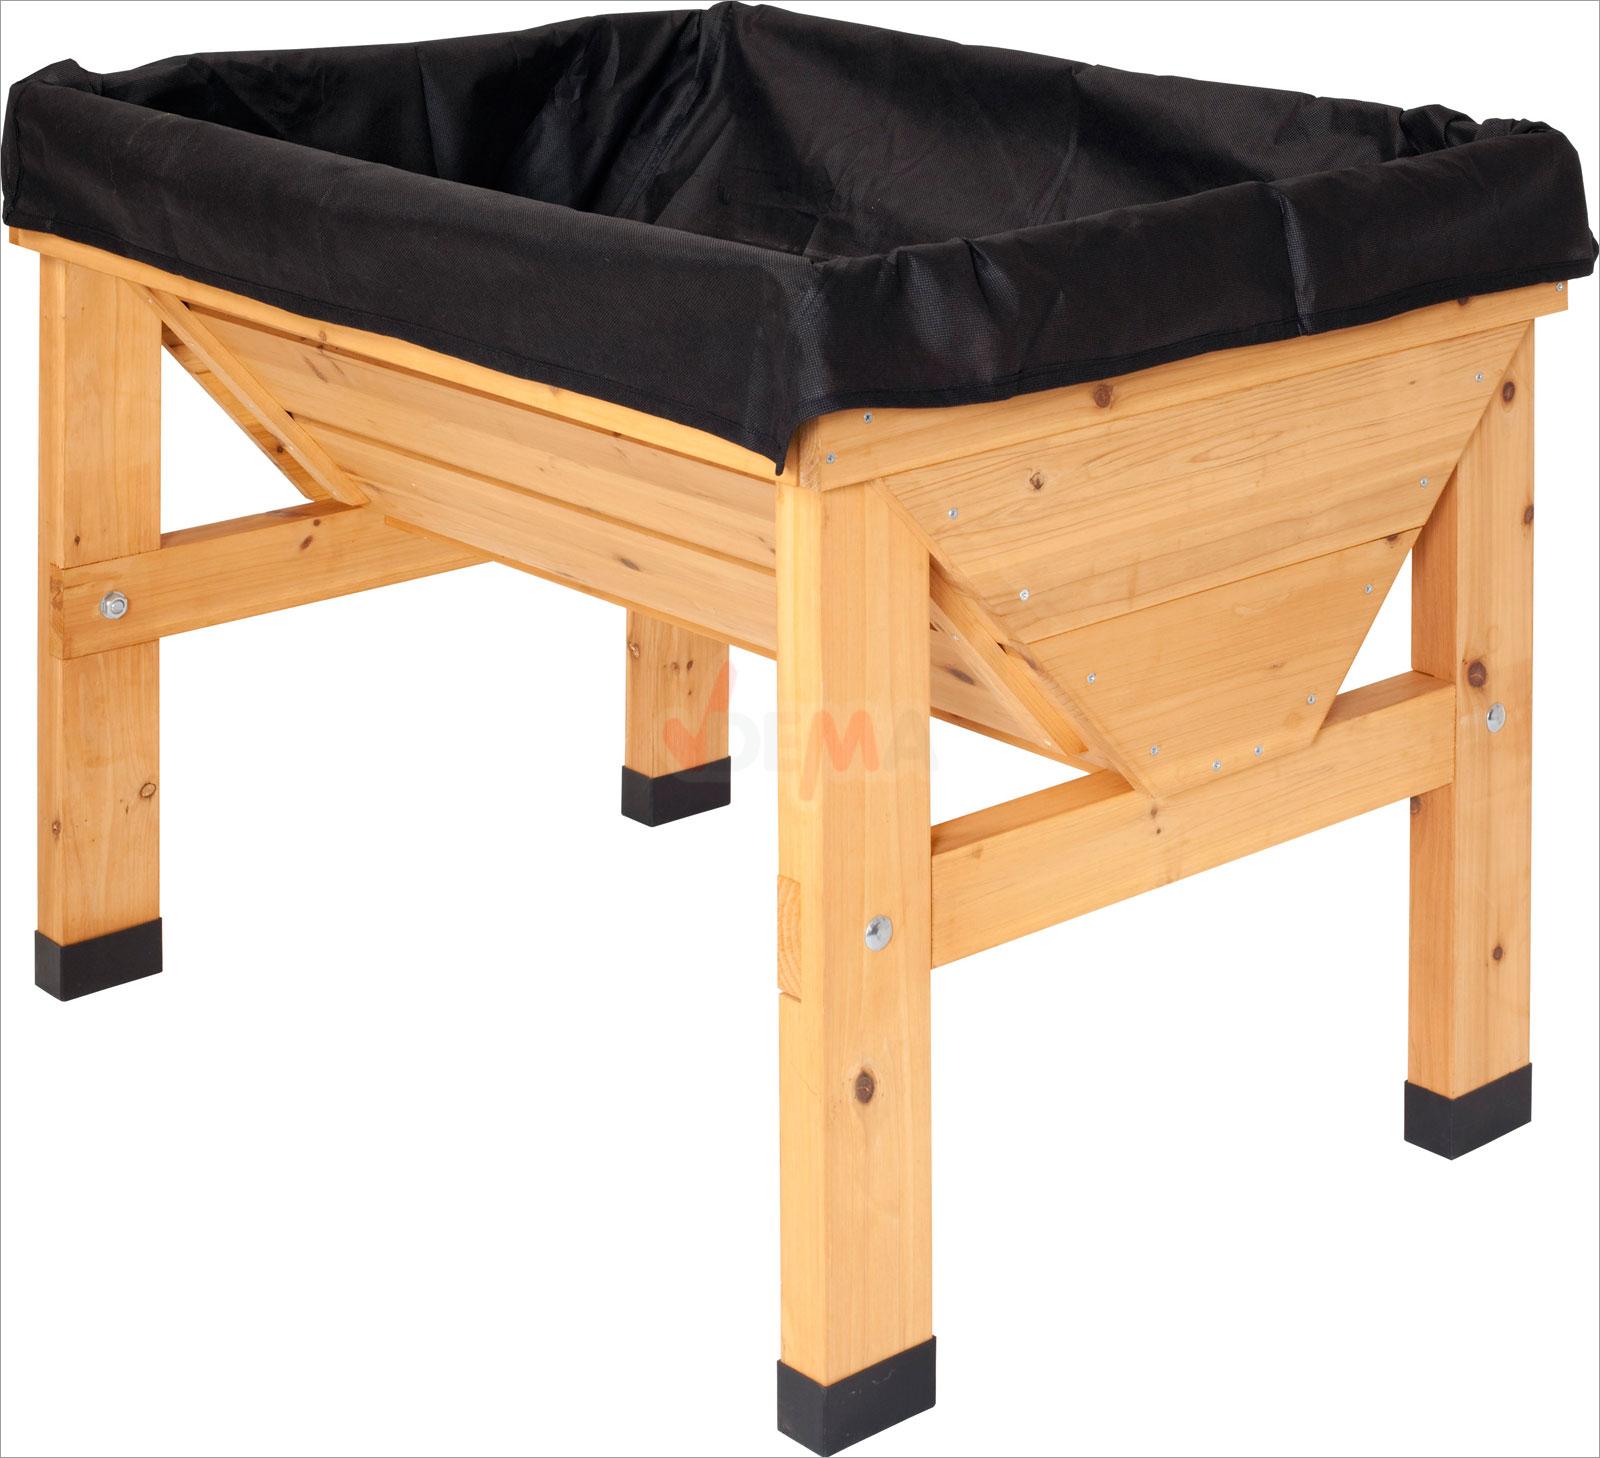 919538 ersatzvlies f r vegtrug hochbeet pflanzenkasten. Black Bedroom Furniture Sets. Home Design Ideas